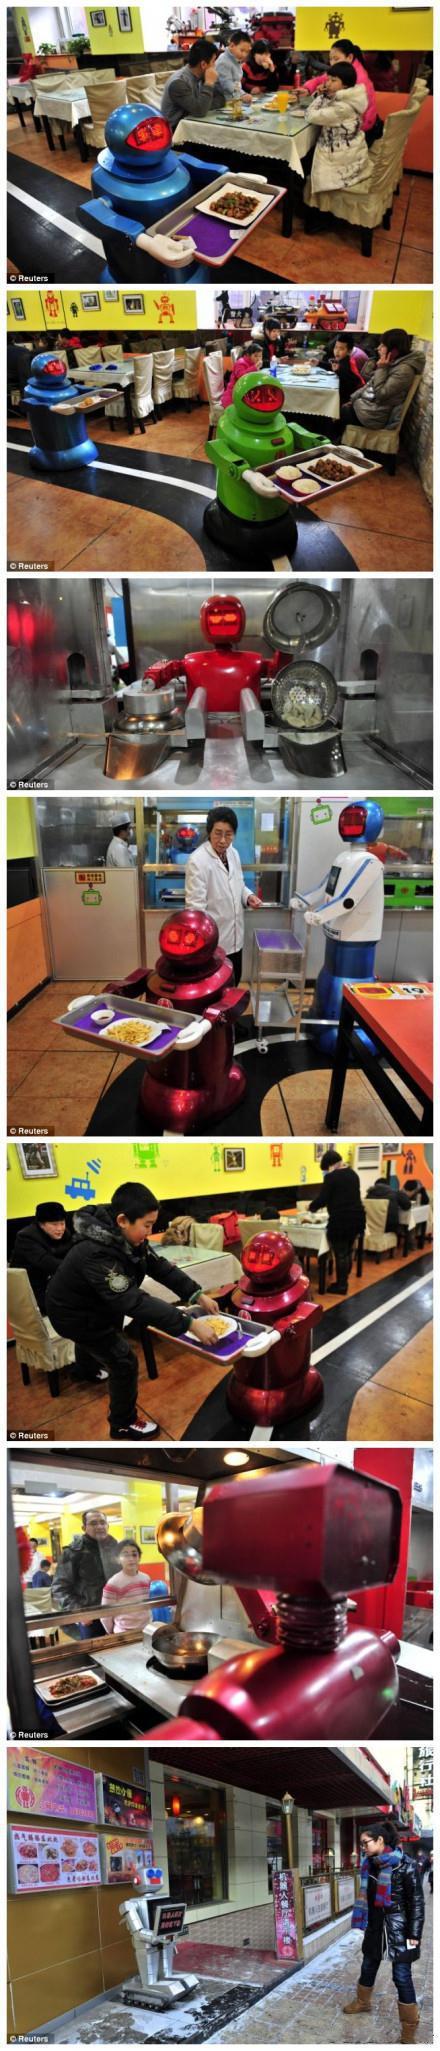 哈尔滨的一家饭店逆天了。。里面有一帮机器人,可以做饺子,面条,还可以送货,干活不利索的还可以选择蹲门口迎接客人。。。。。英国每日邮报报道后英国人表示傻眼。。